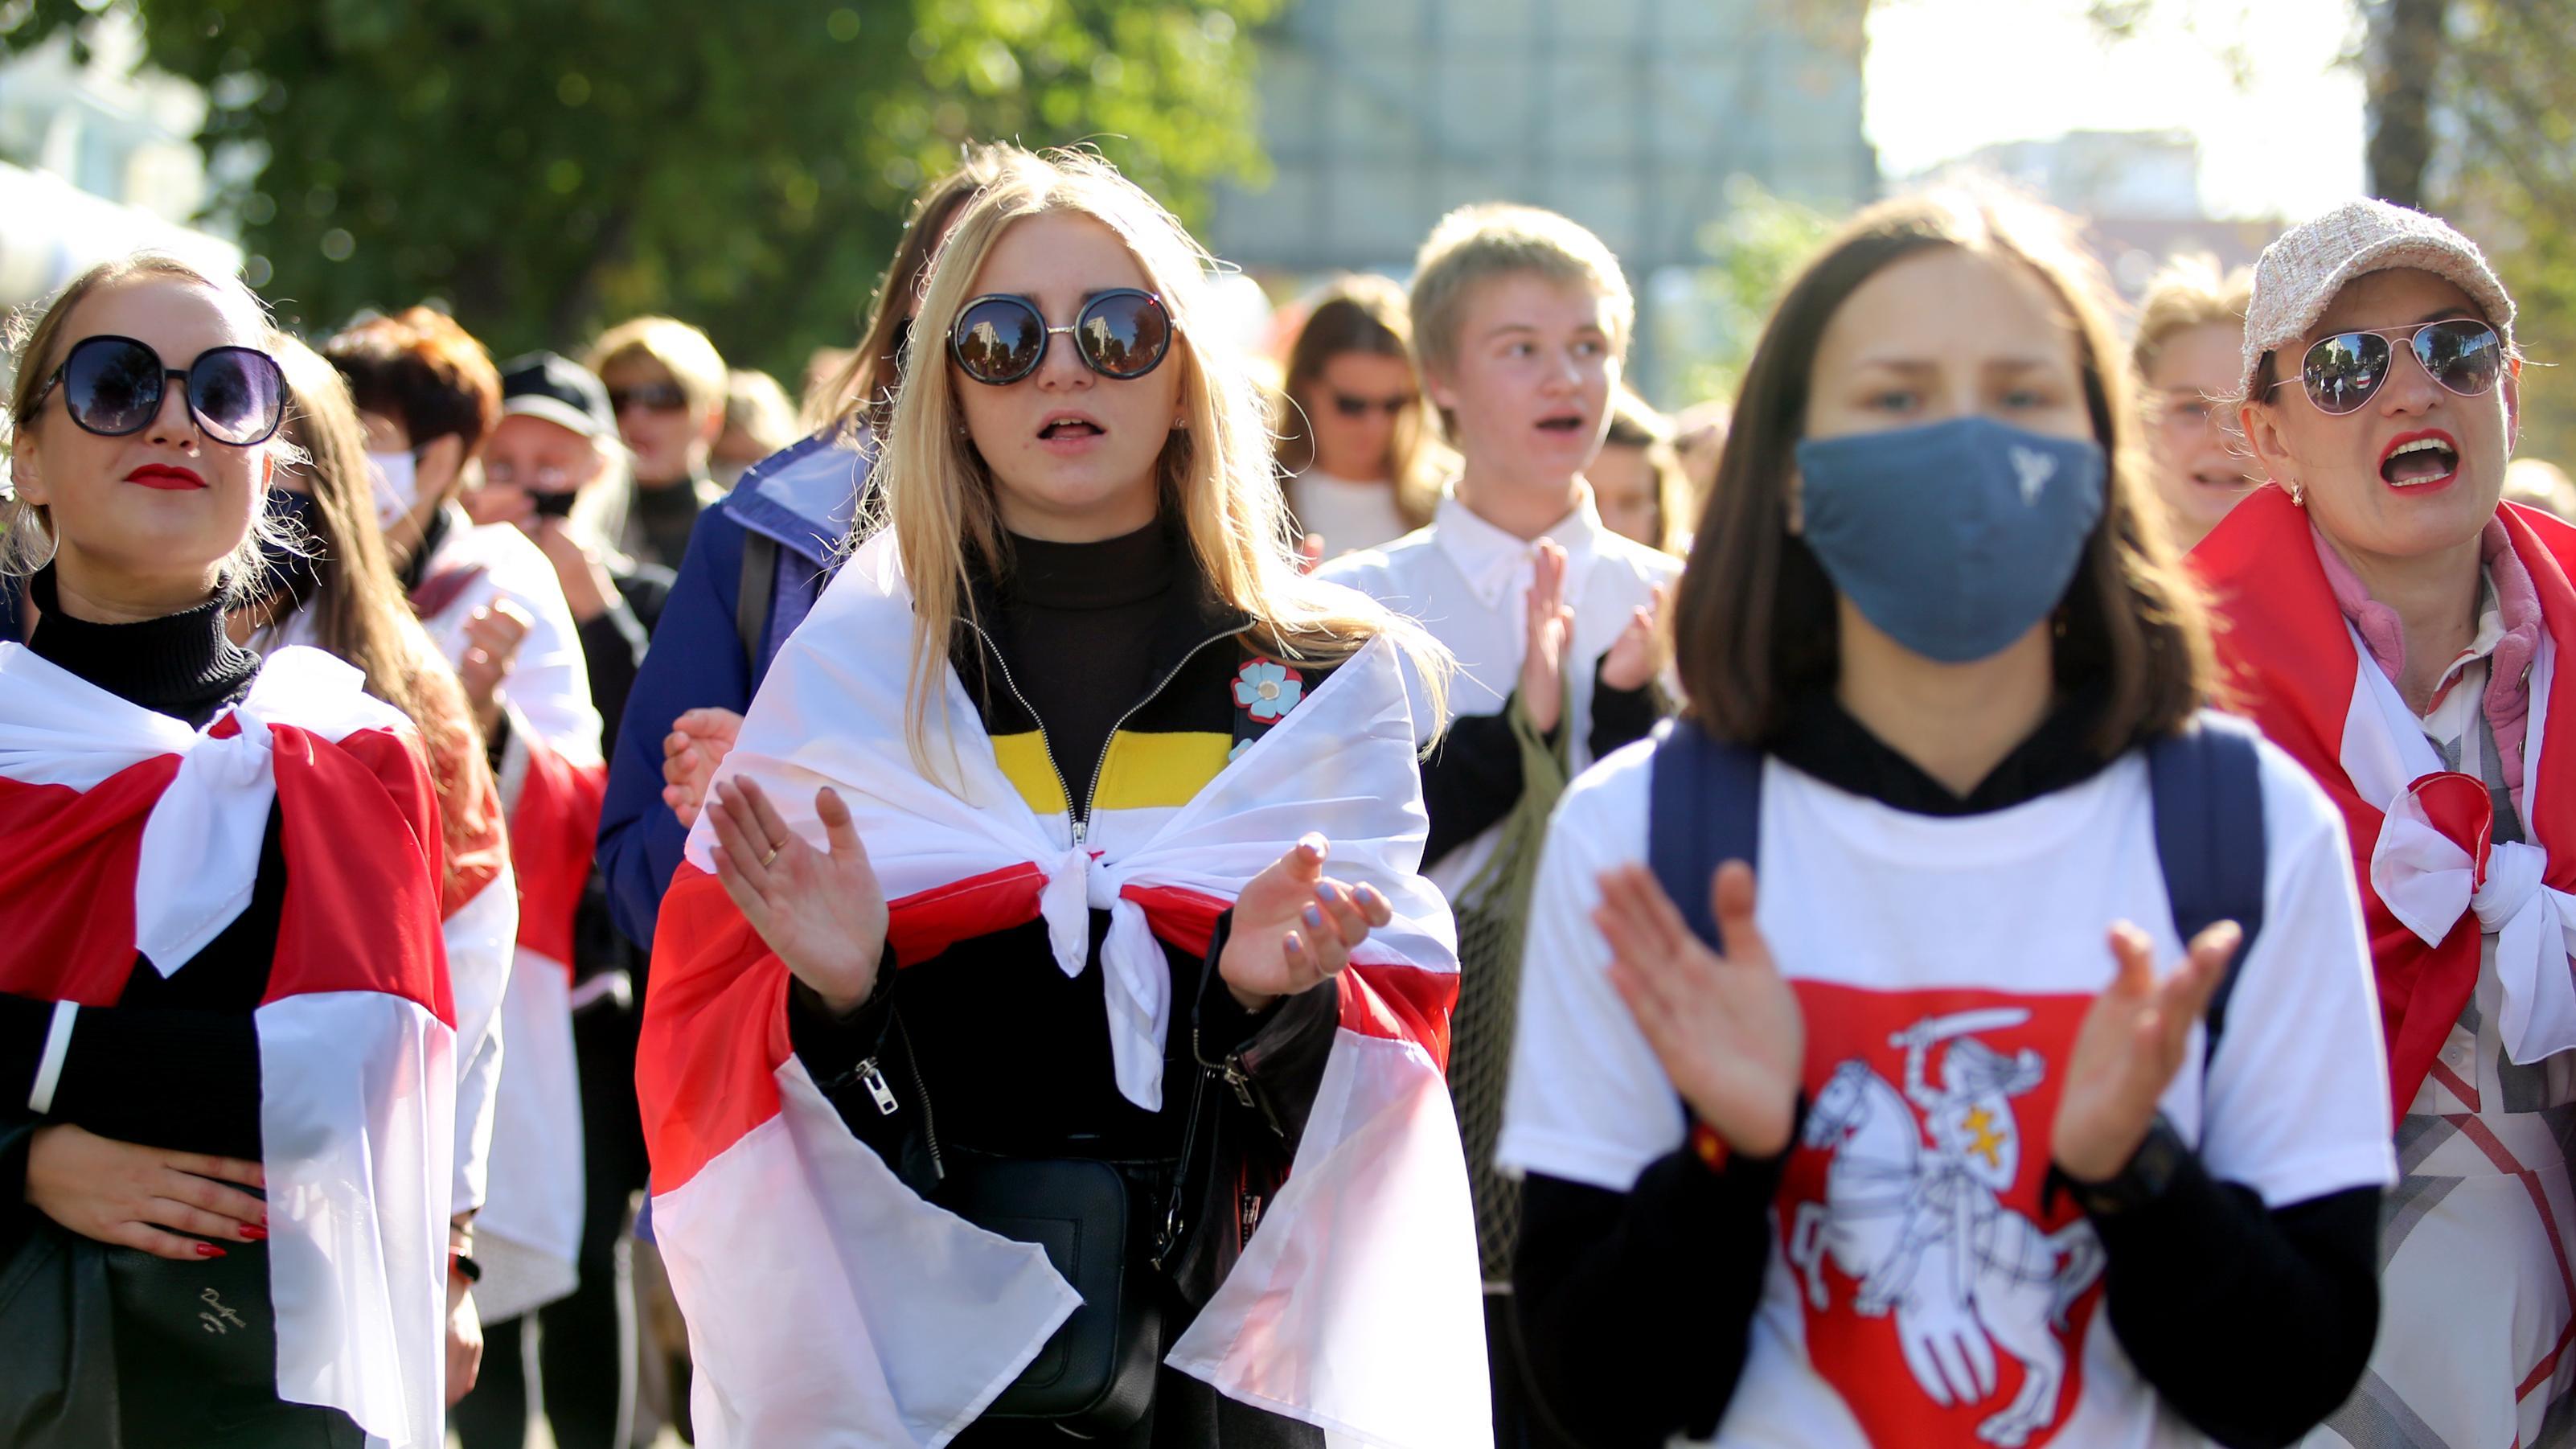 Proteste in Minsk: Demonstrantinnen protestieren gegen den belarussischen Präsidenten Alexander Lukaschenko. Sie tragen die ehemaligen weiß-rot-weißen Flaggen von Belarus über die Schulter gehängt.